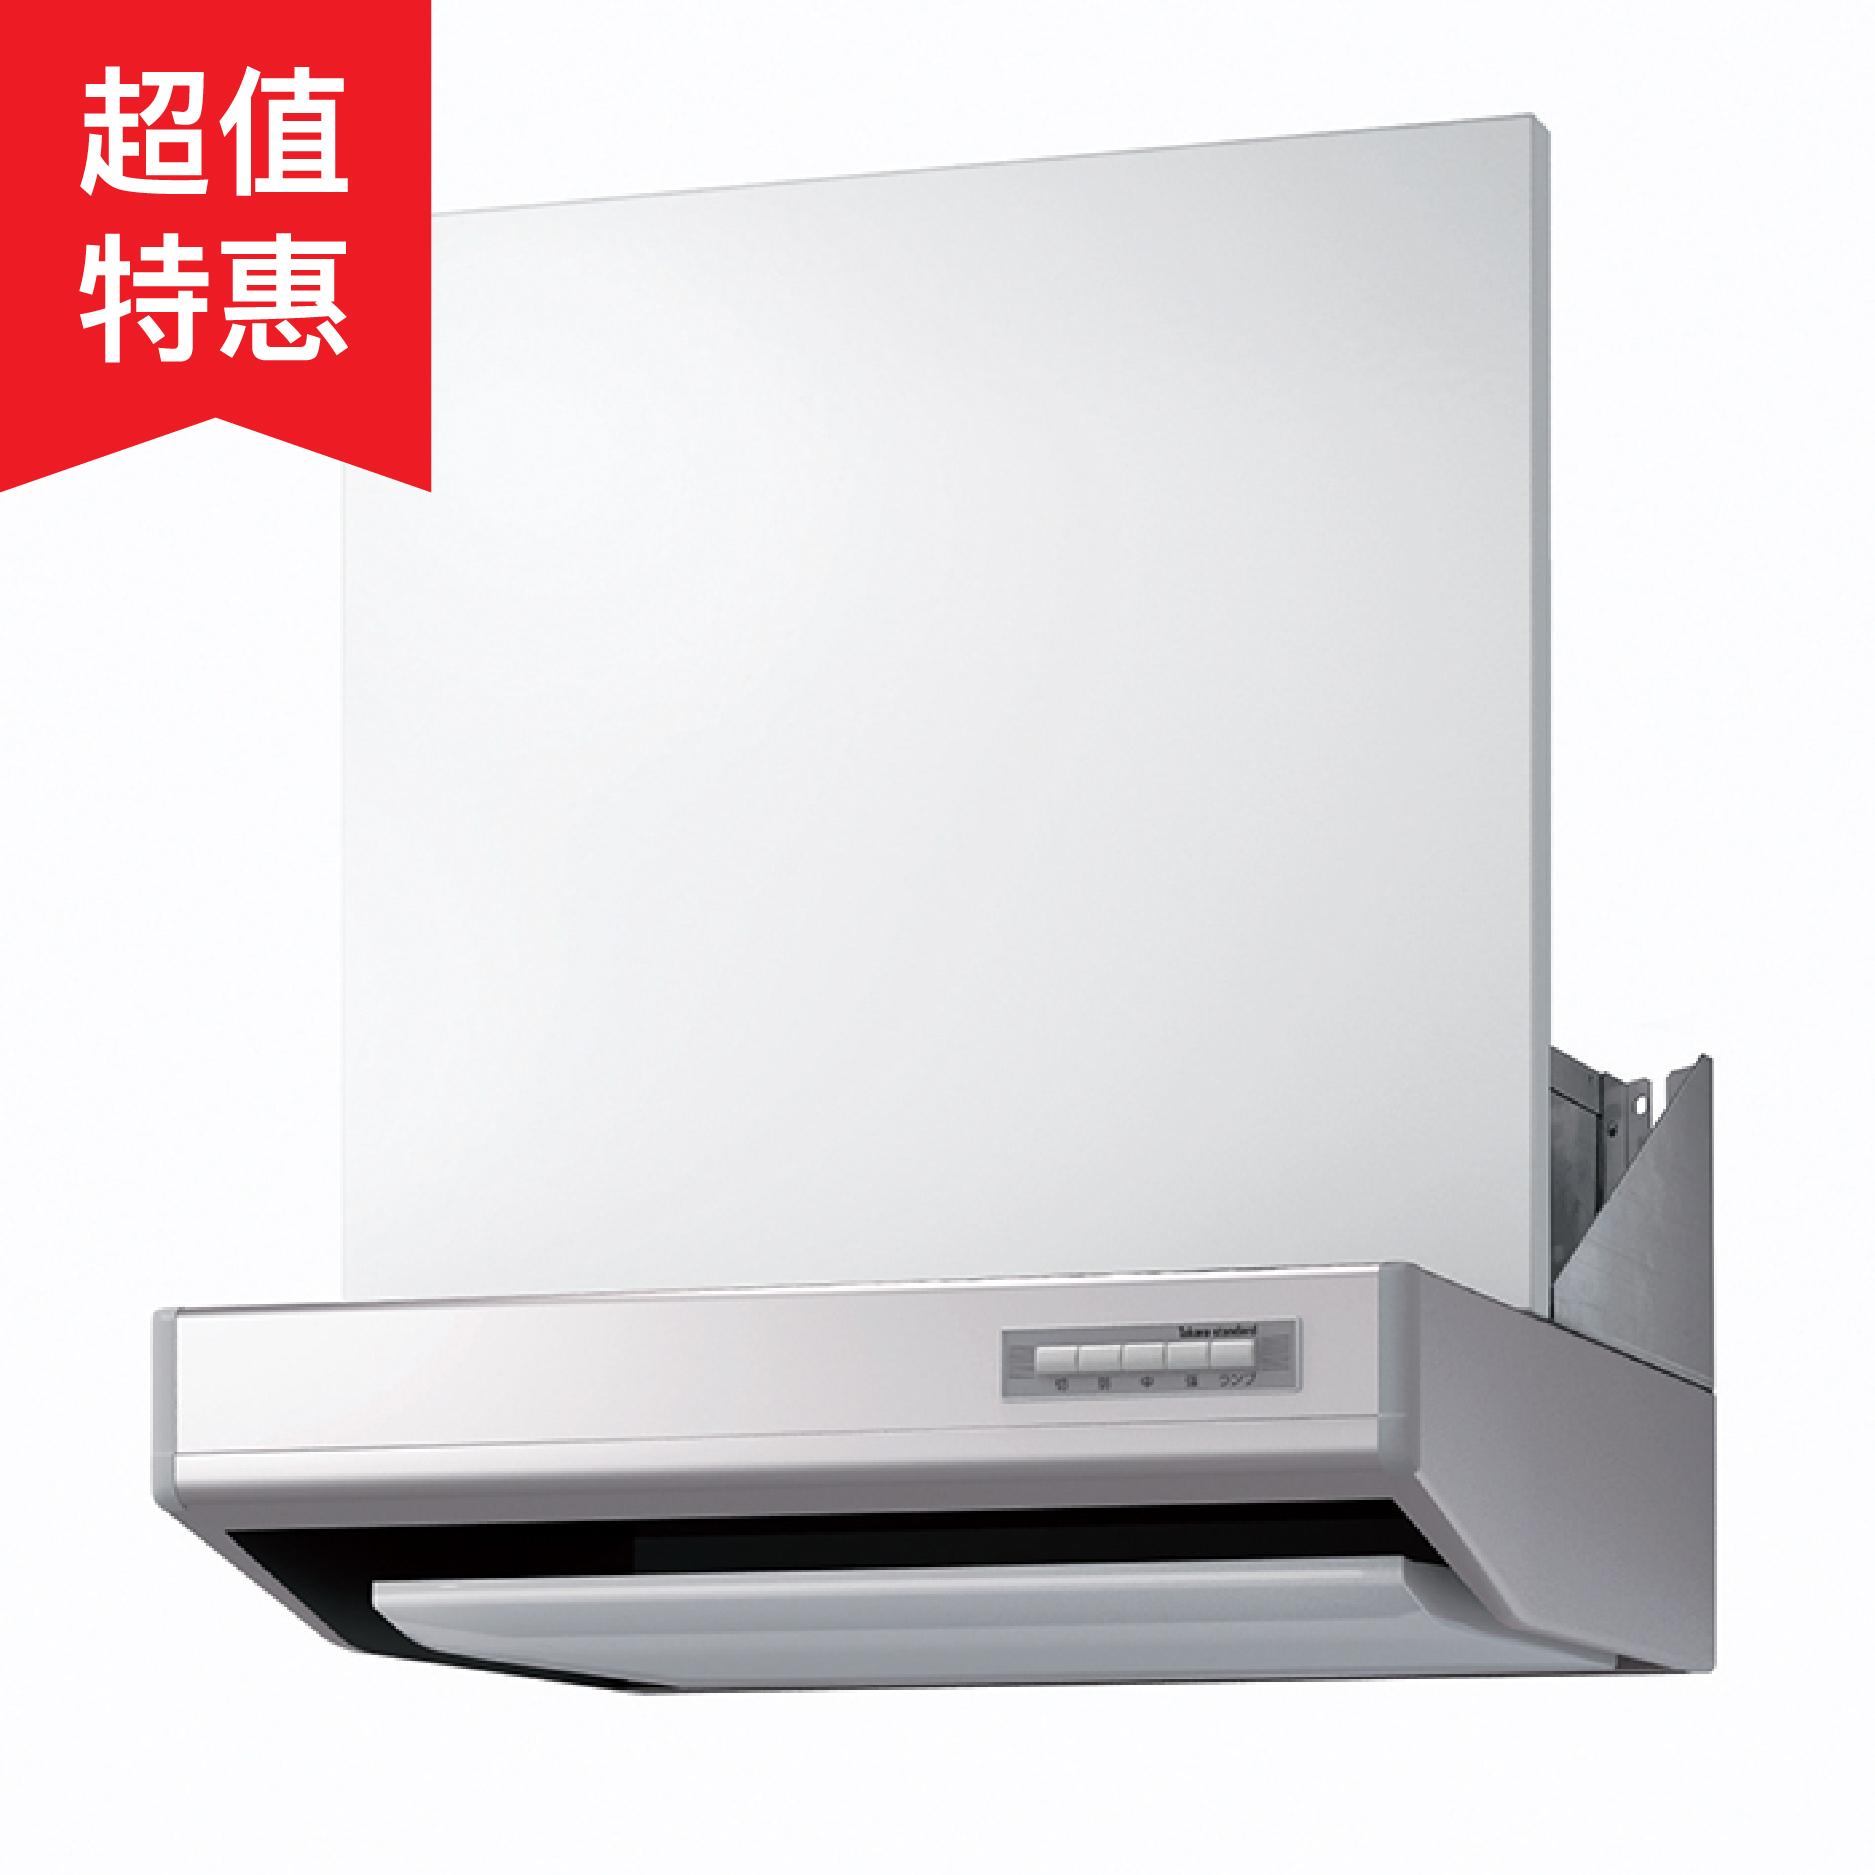 【現貨+預購】日本廚房用家電-Takara Standard 極靜音環吸排油煙機【RMA75SW】強大吸力,靜音除味,保持居家空氣清新